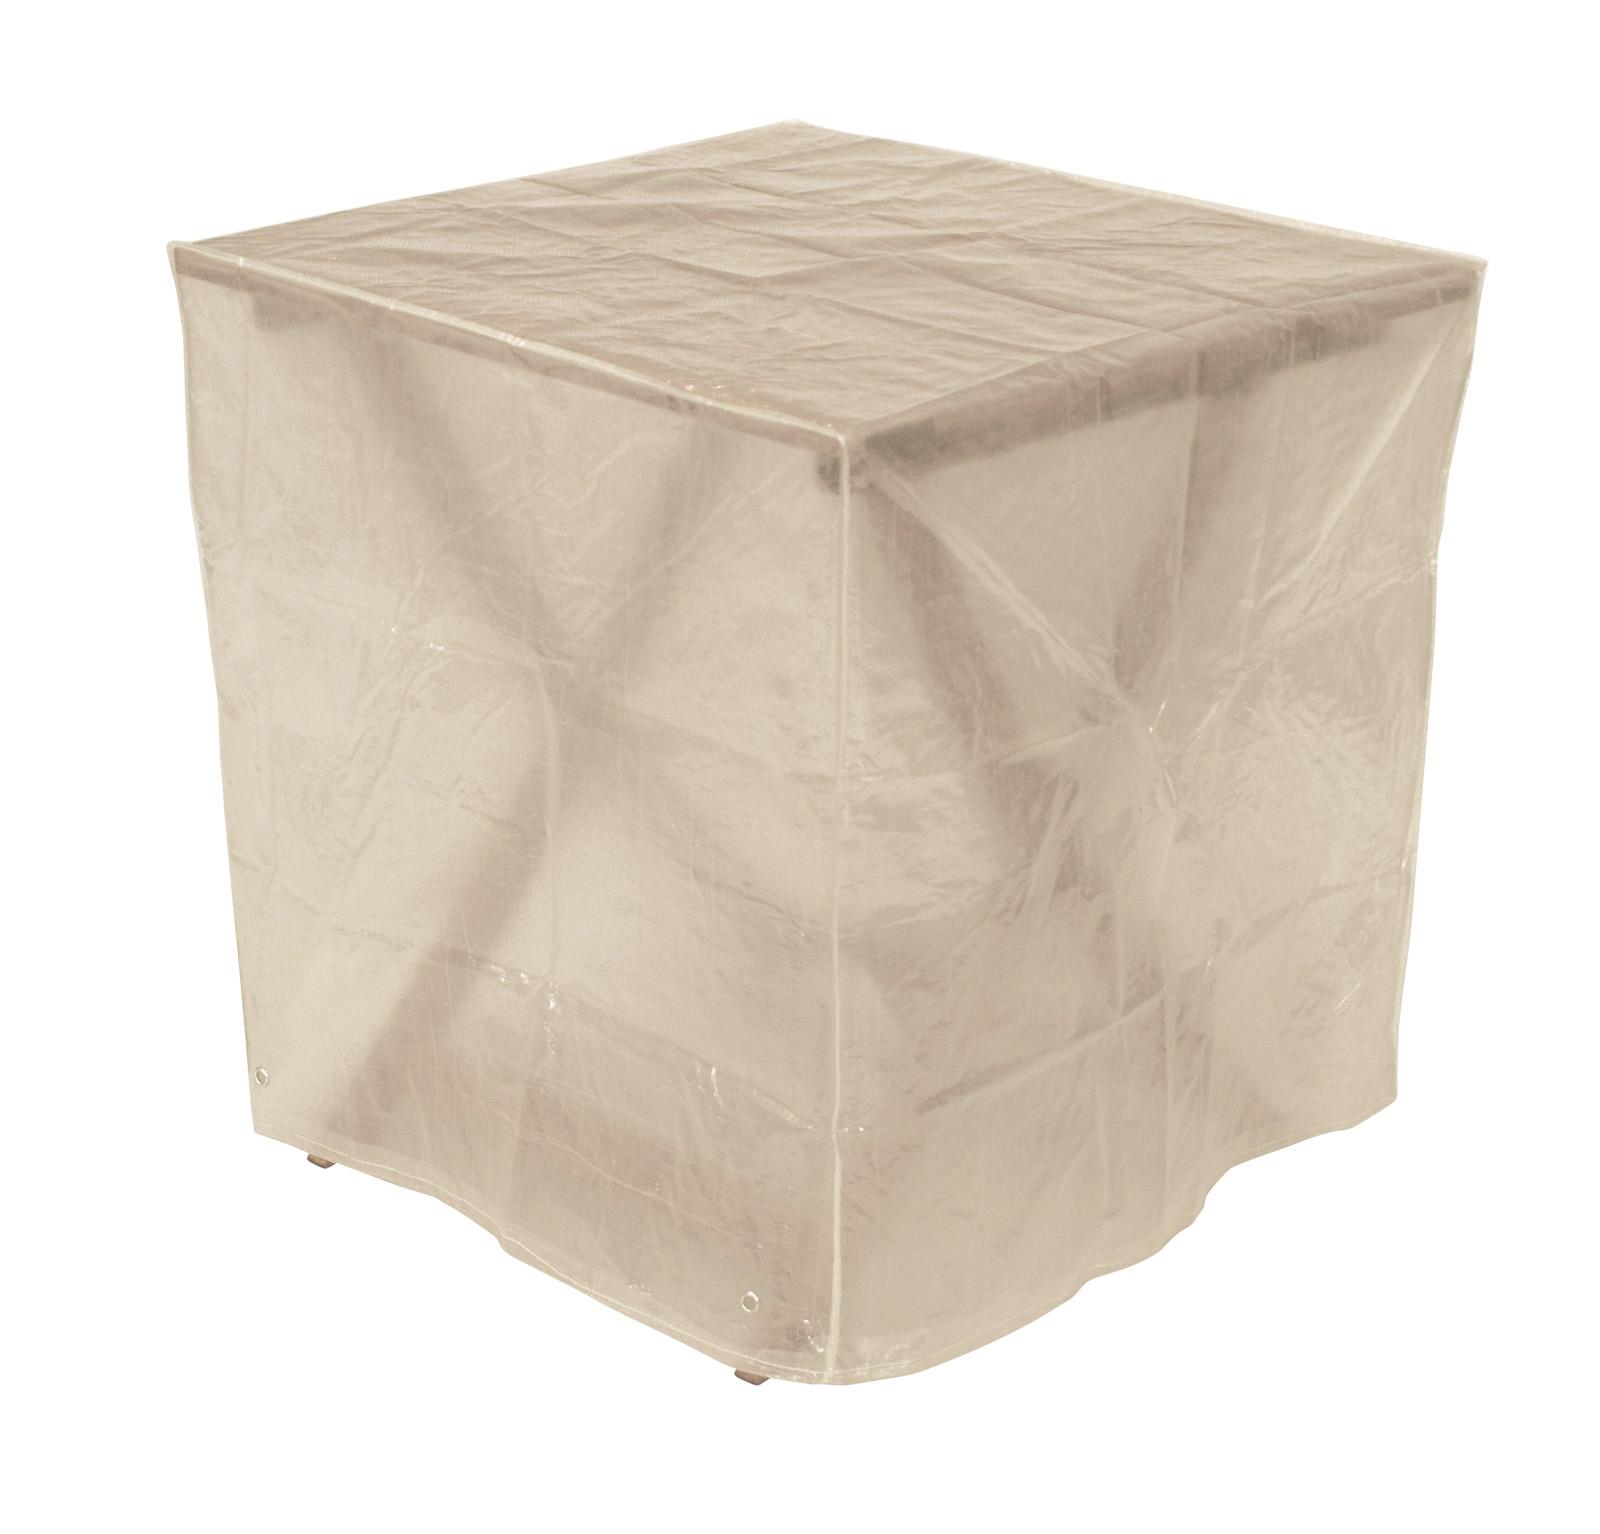 Abdeckhaube Tisch 70x70x70cm eckig, PE transparent